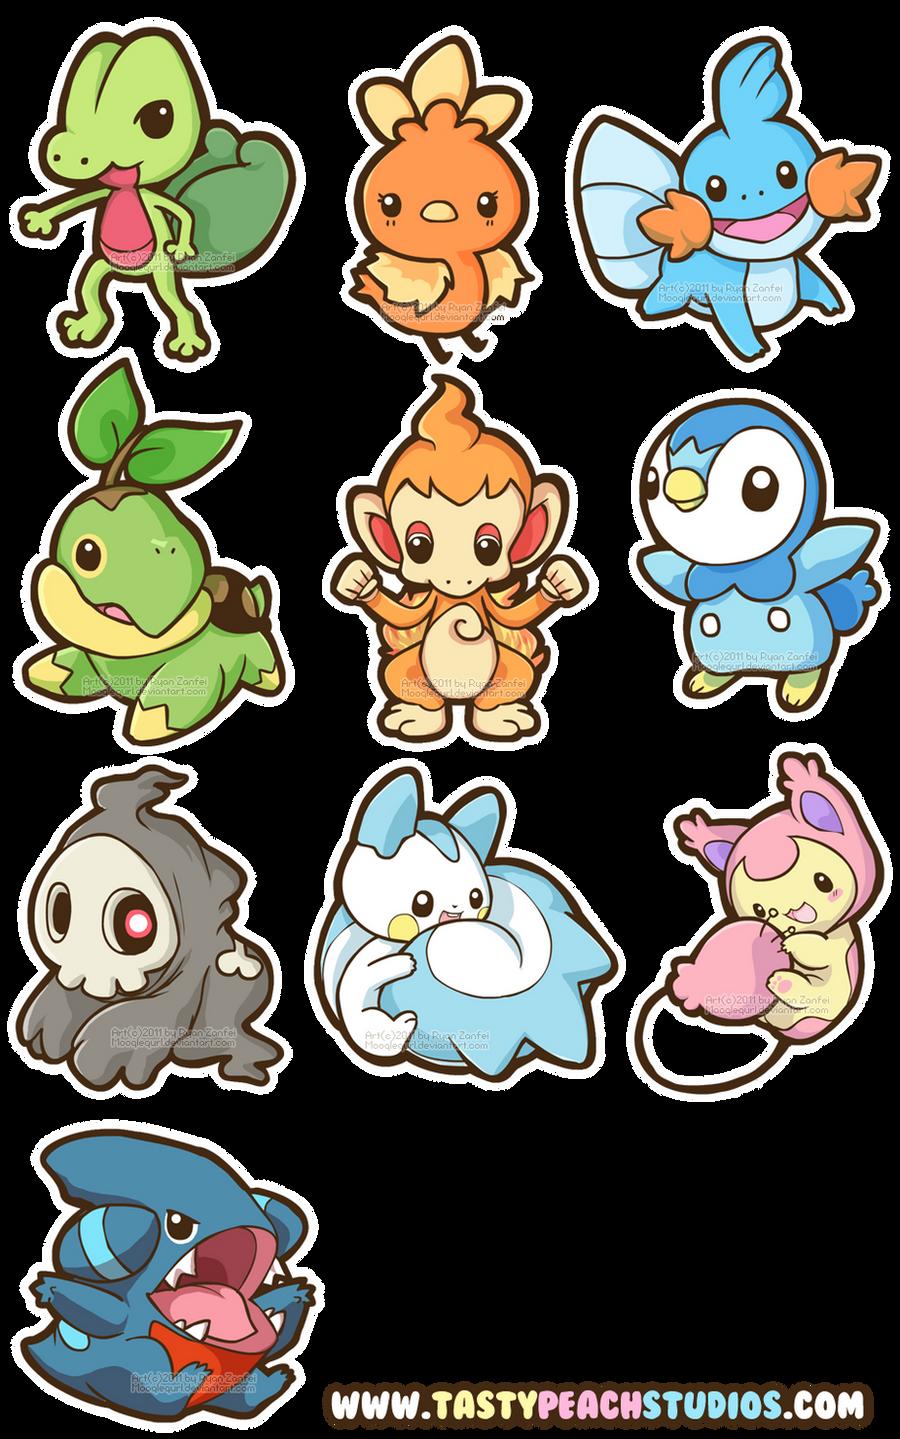 Pokemon Gen 3 and 4 by MoogleGurl